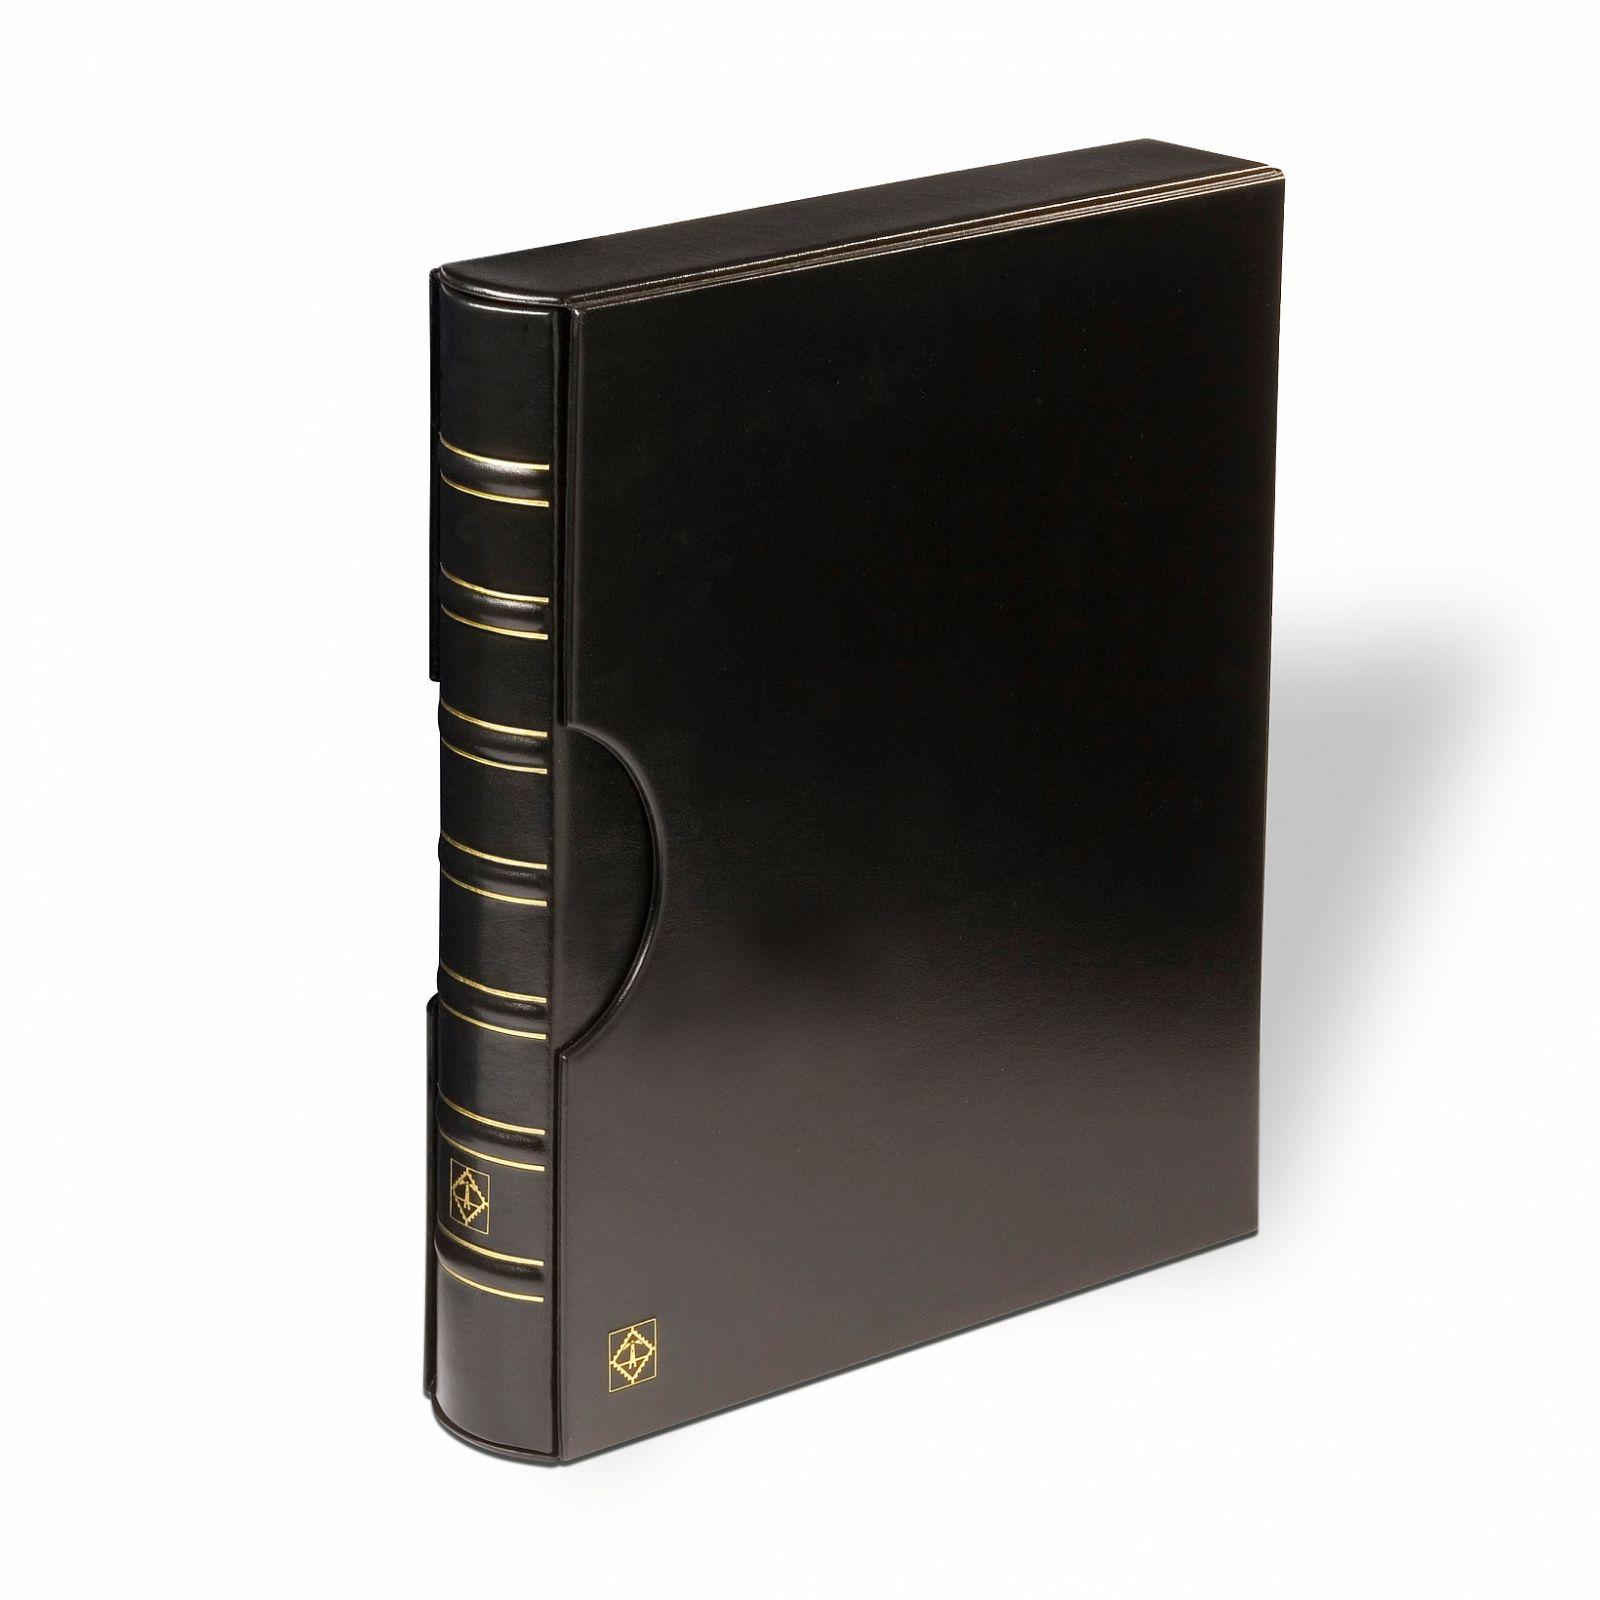 Leuchtturm FOLIO - černé desky + kazeta   www.tgw.cz